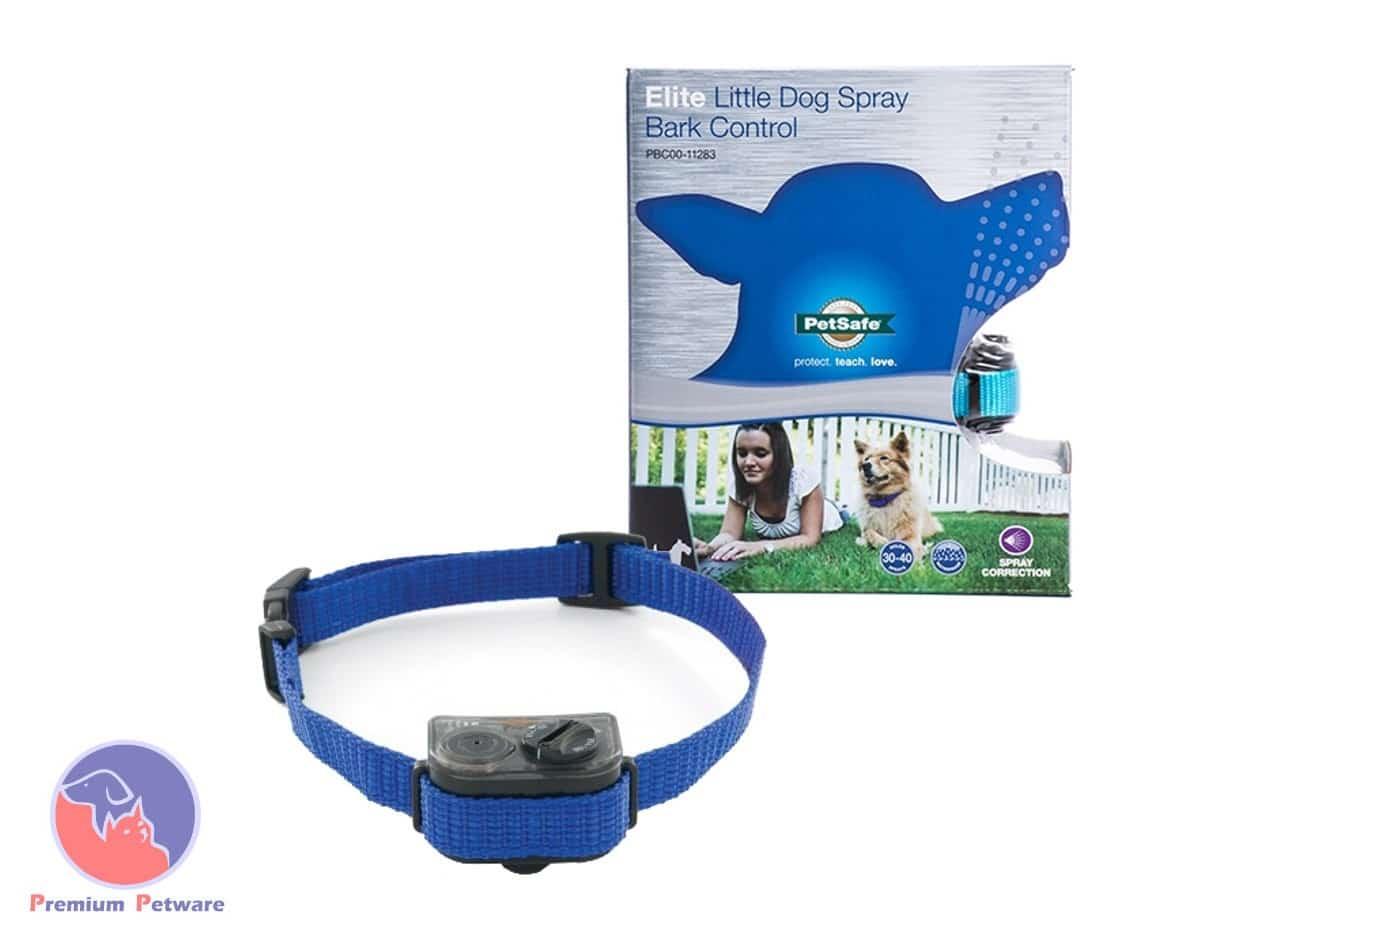 Elite Big Dog Spray Bark Control Reviews